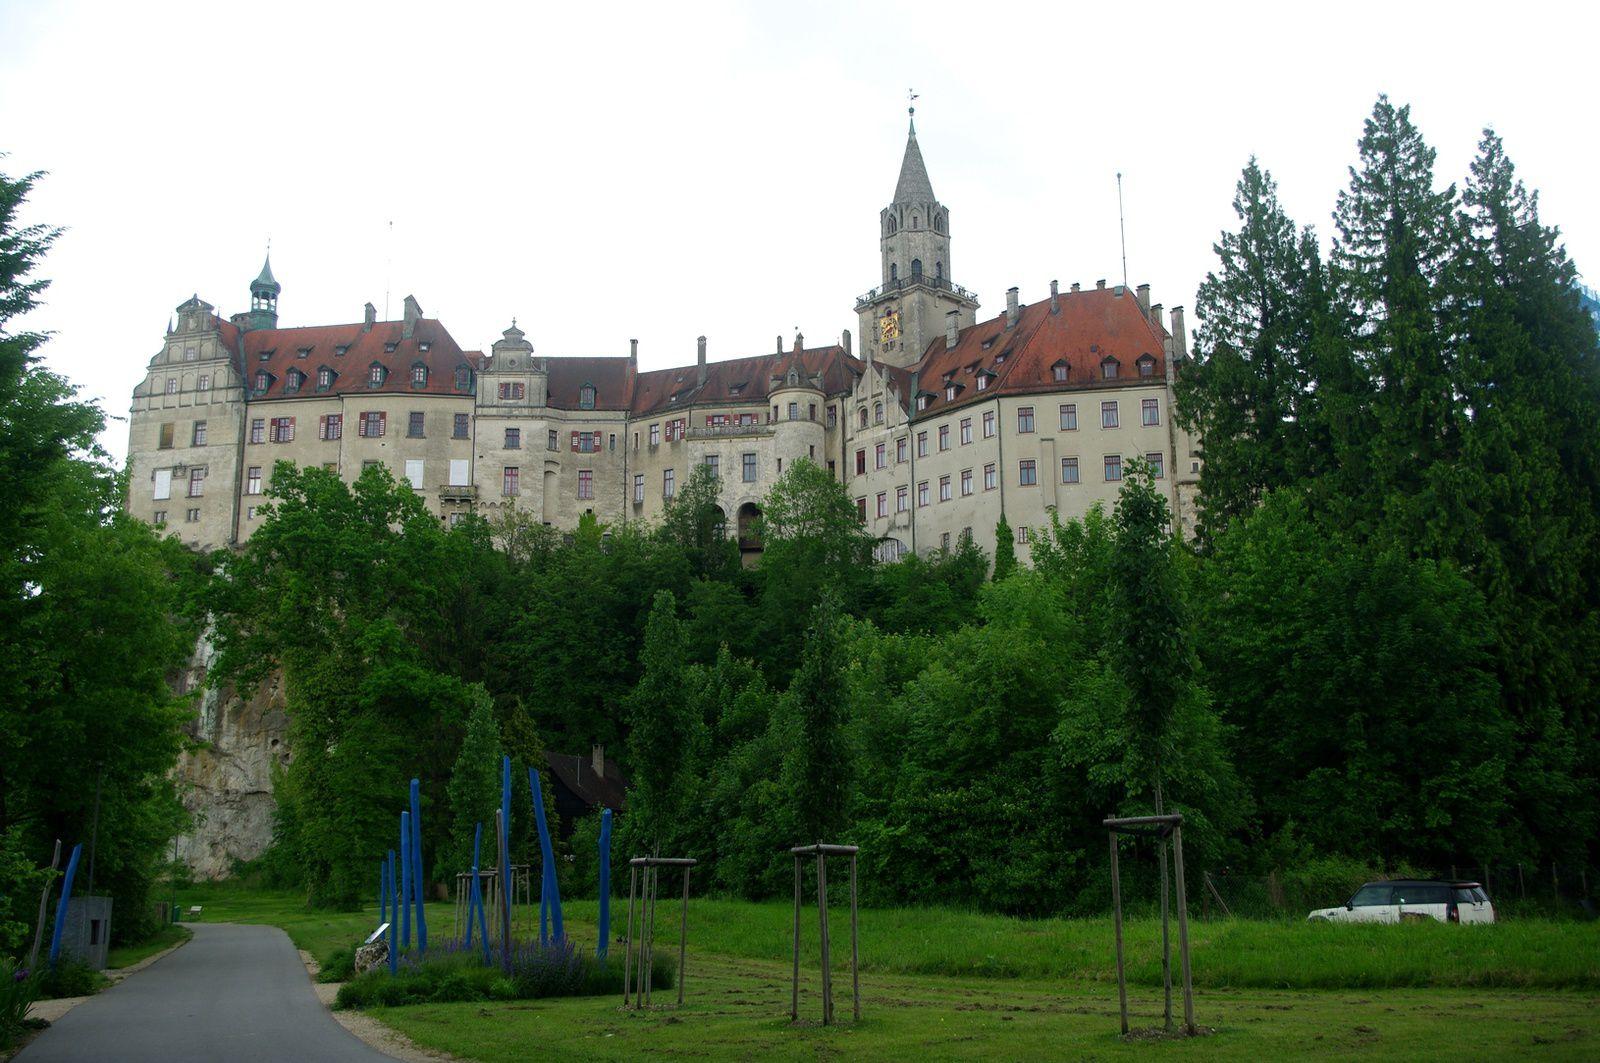 l'autre face du château des Hohenzollern